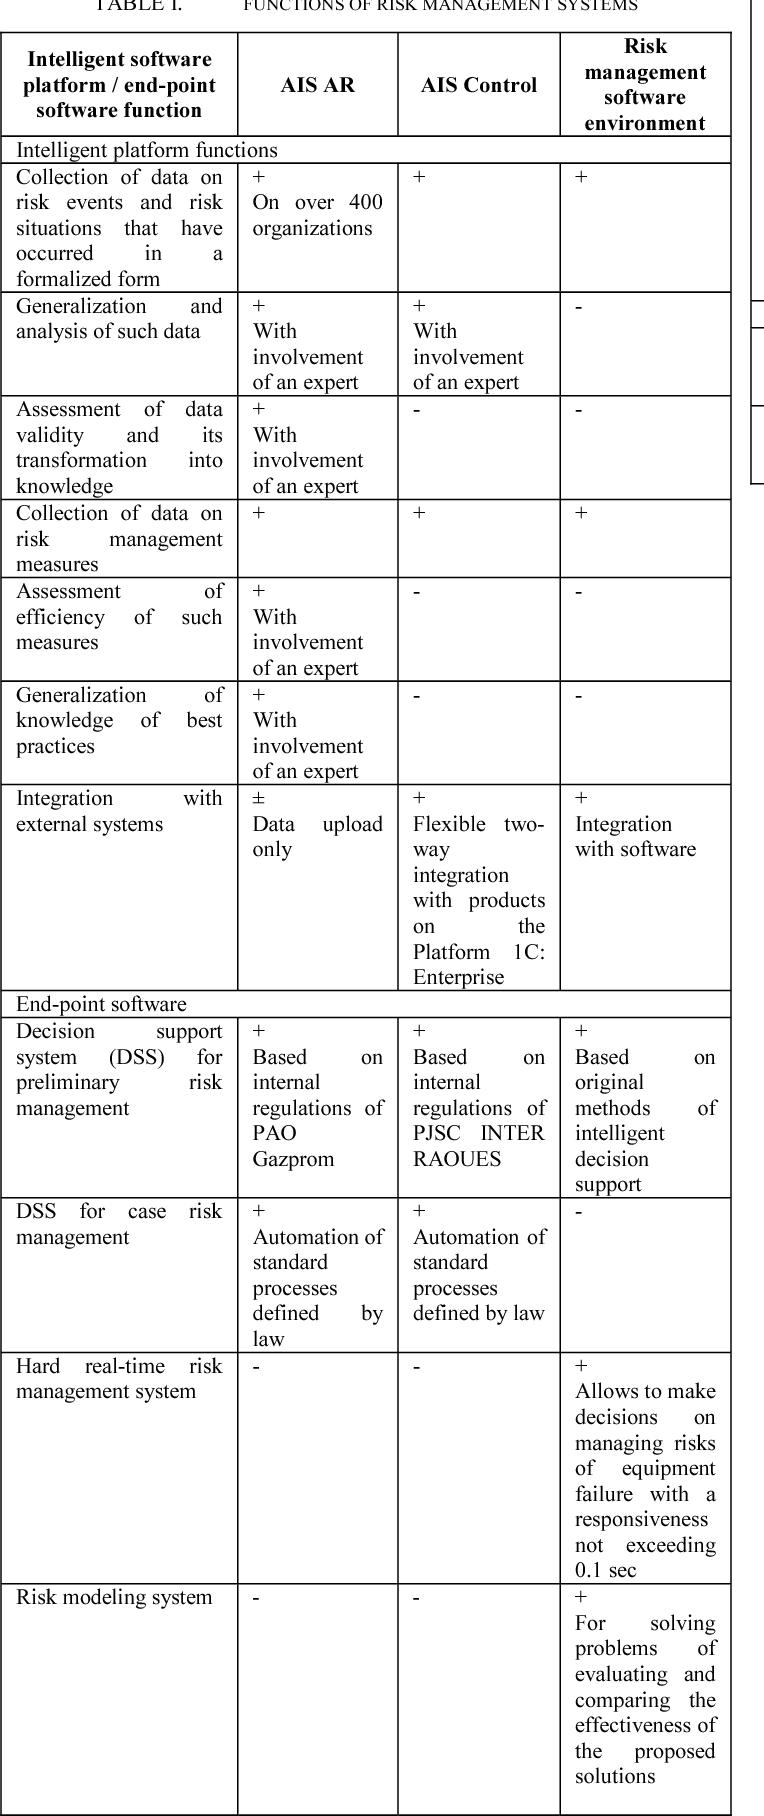 Intelligent Software Platform and End-Point Software for Risk